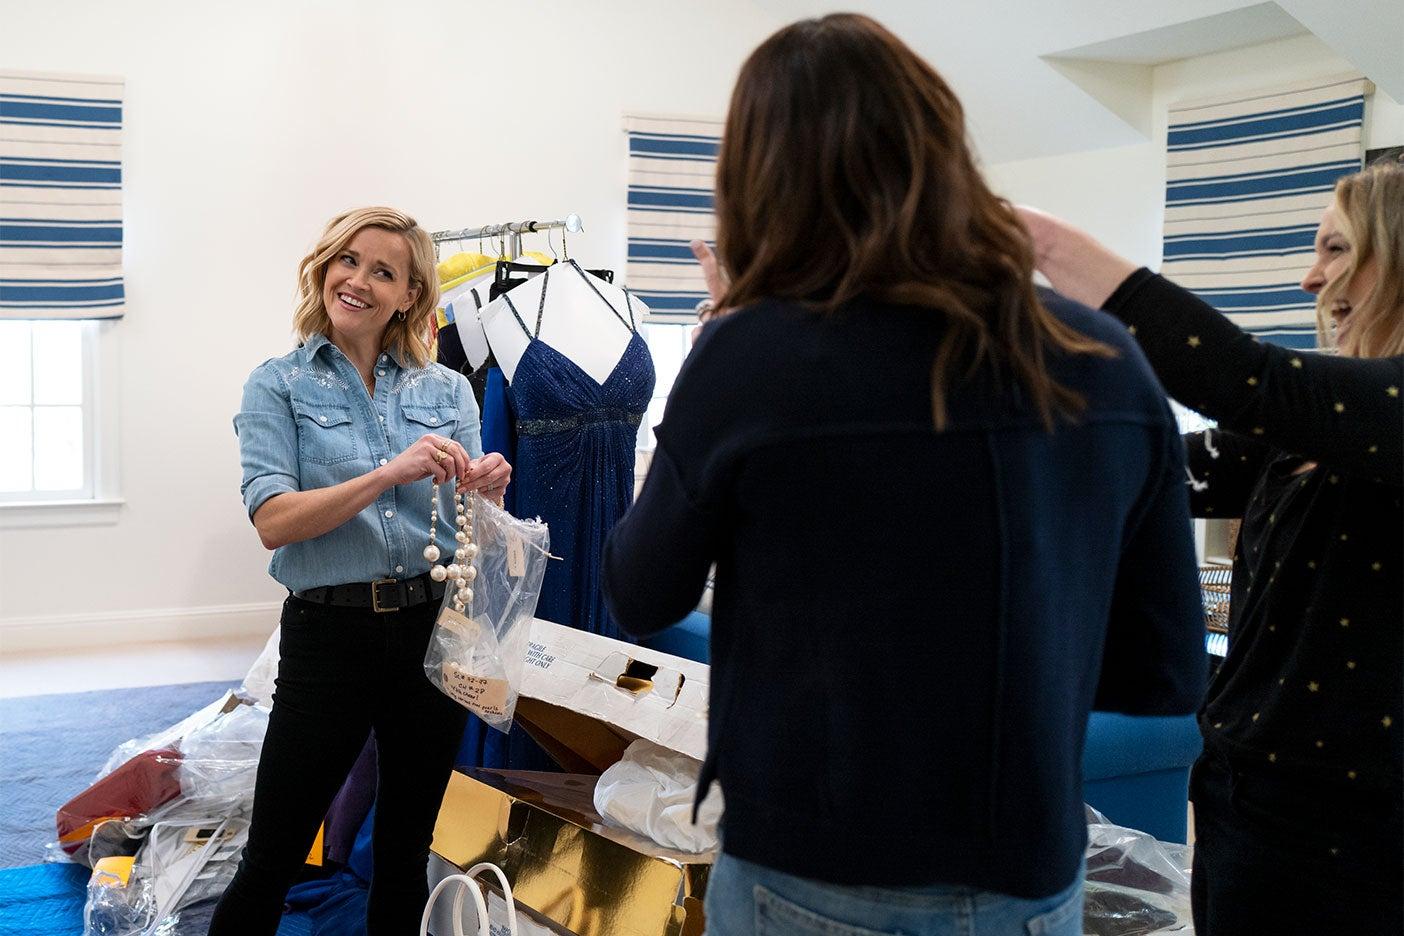 women sortign clothes